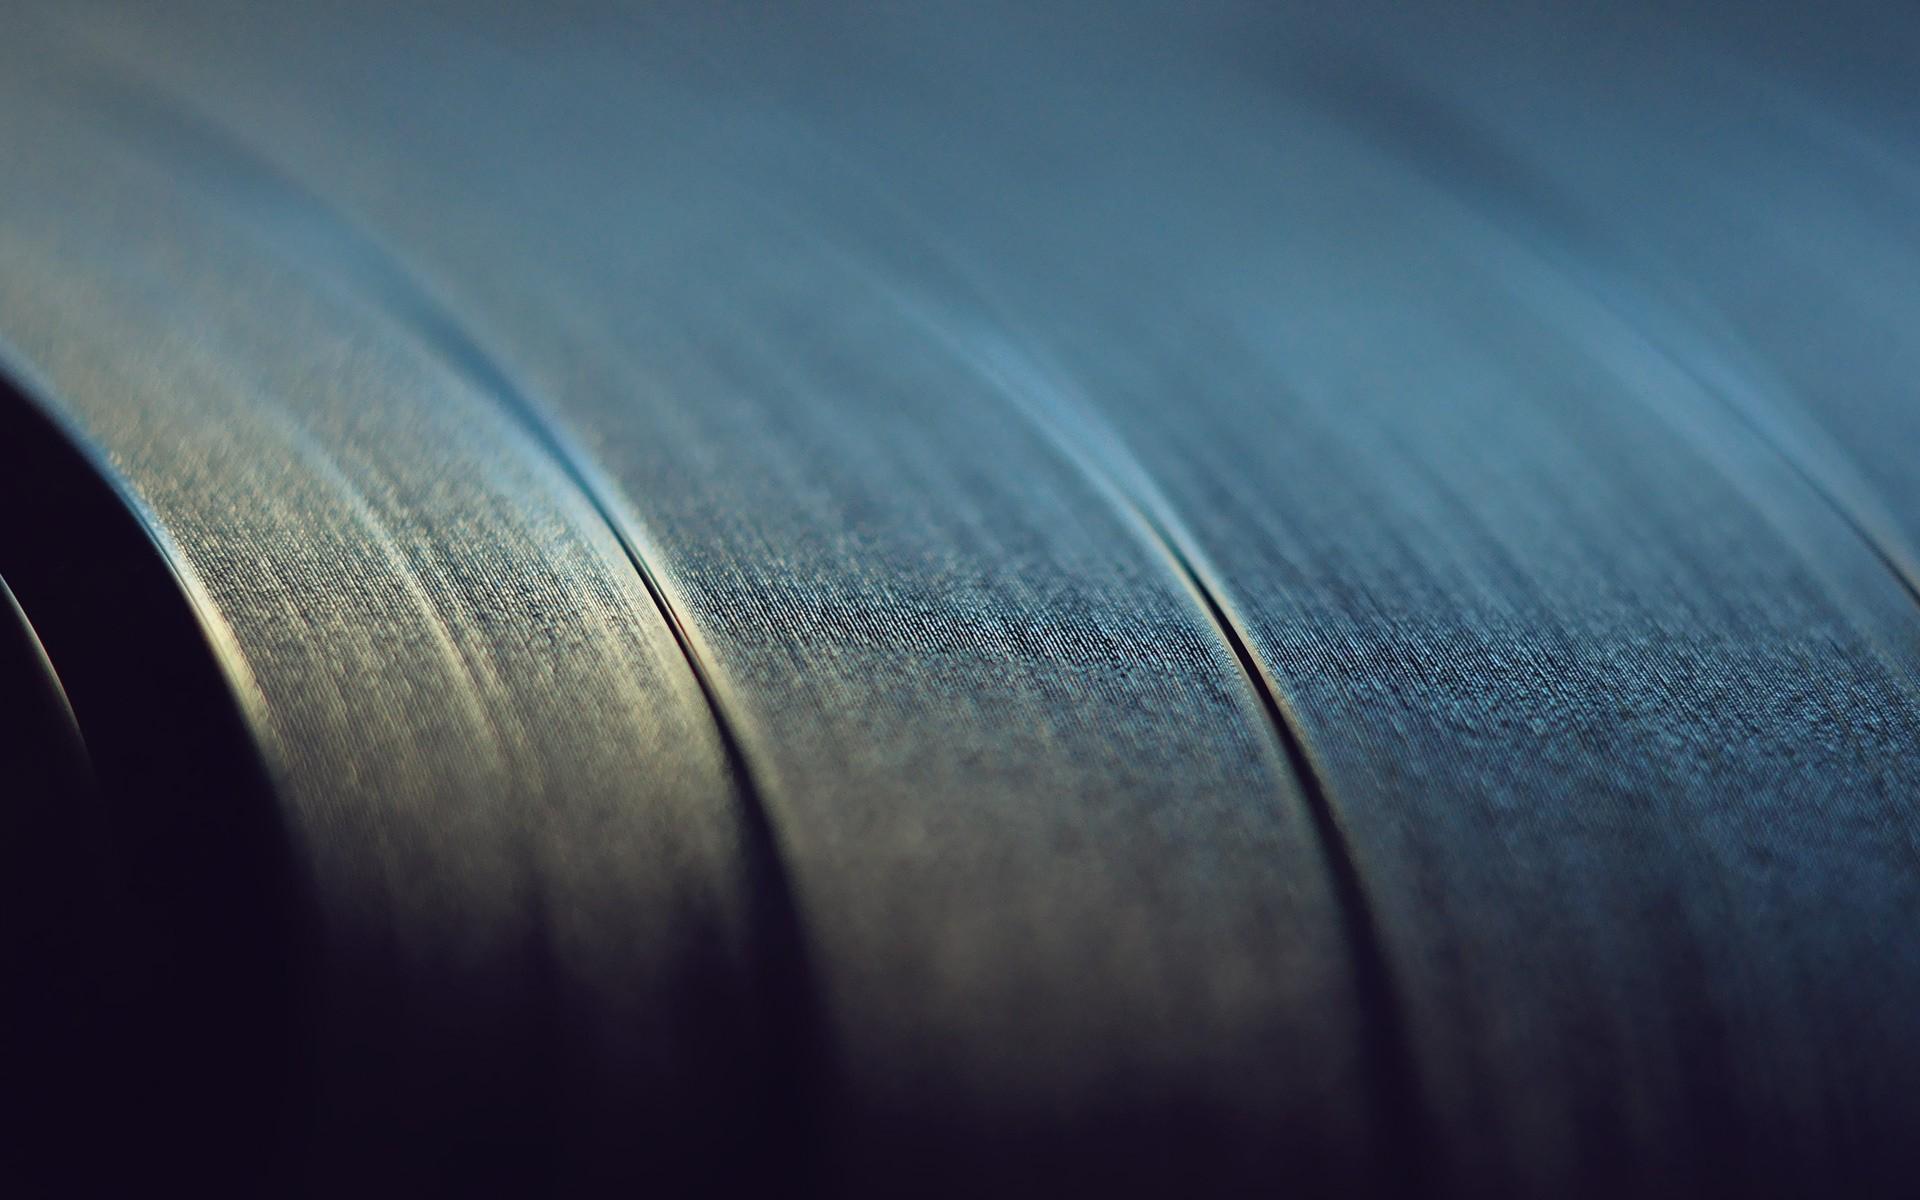 1920x1200 EIU 3600 kbytes v86 Vinyl records 1920x1200